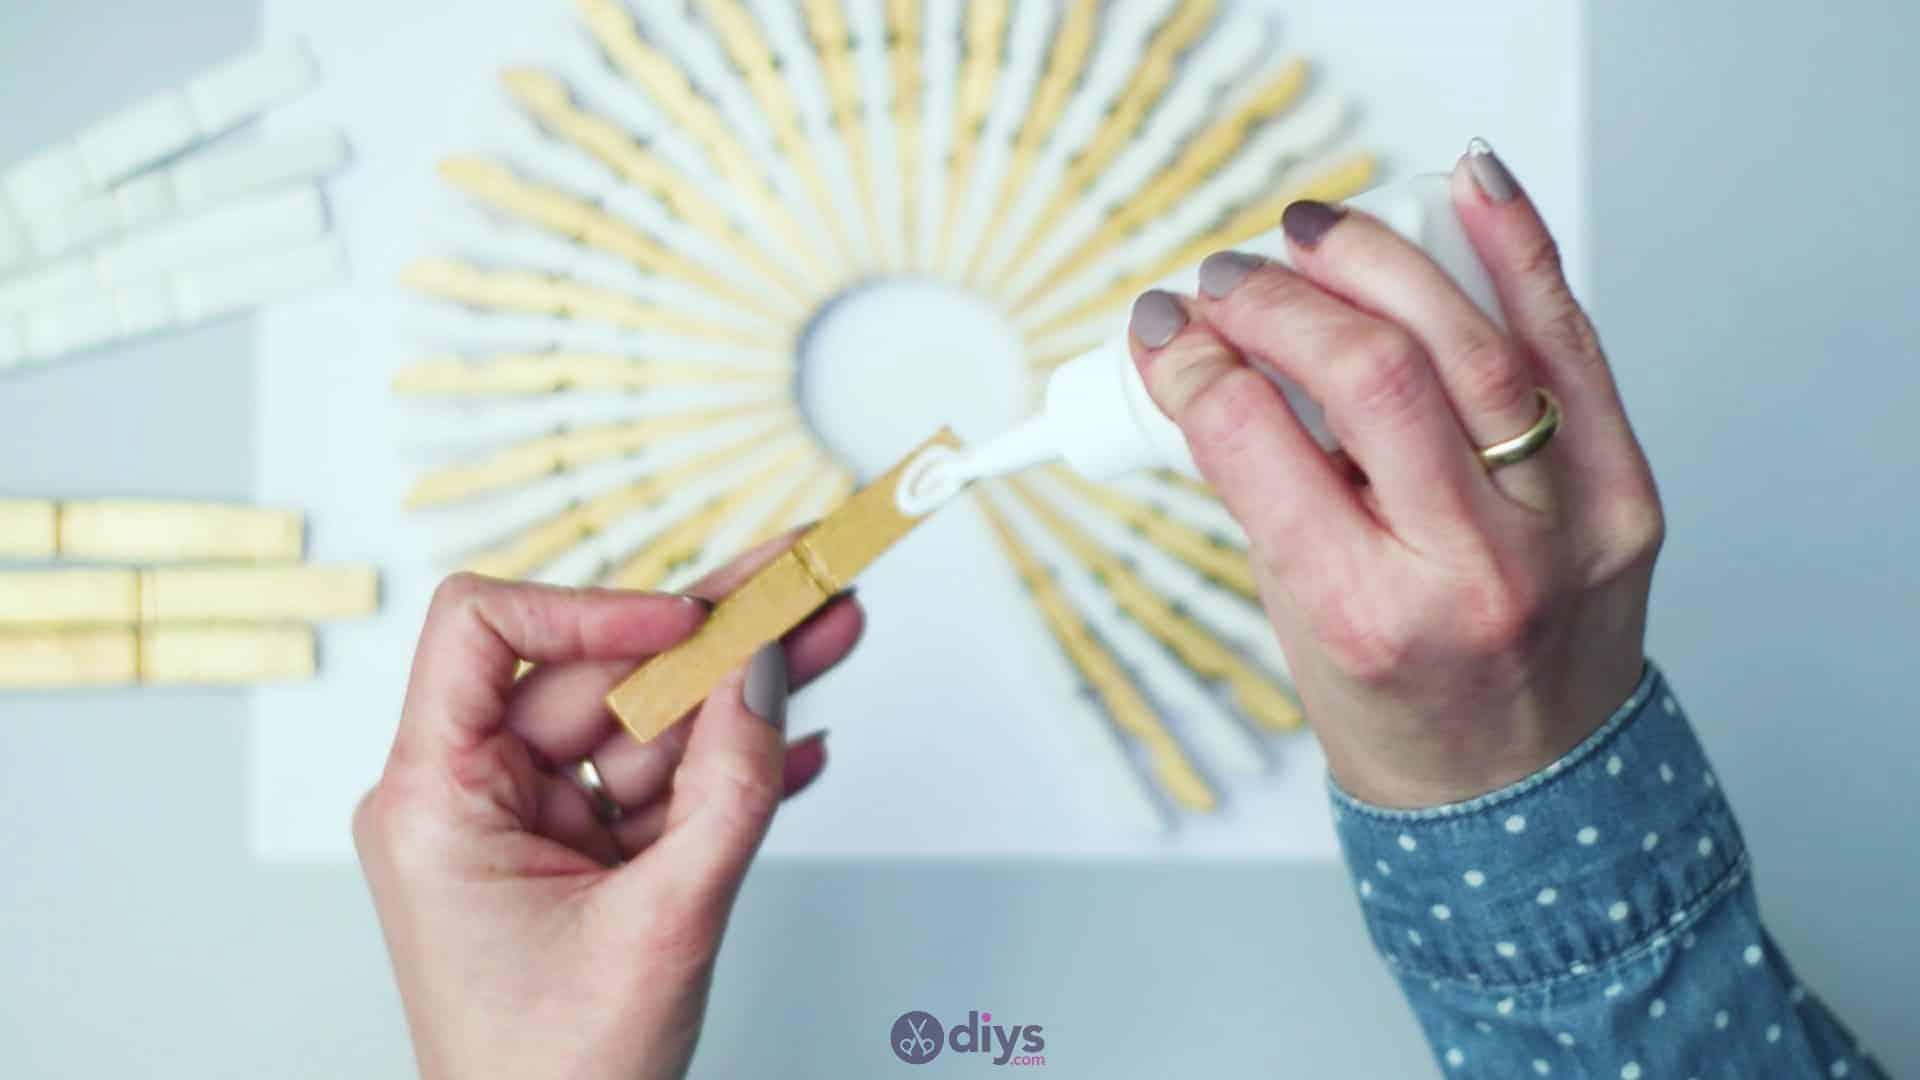 Diy clothespin art step 5h